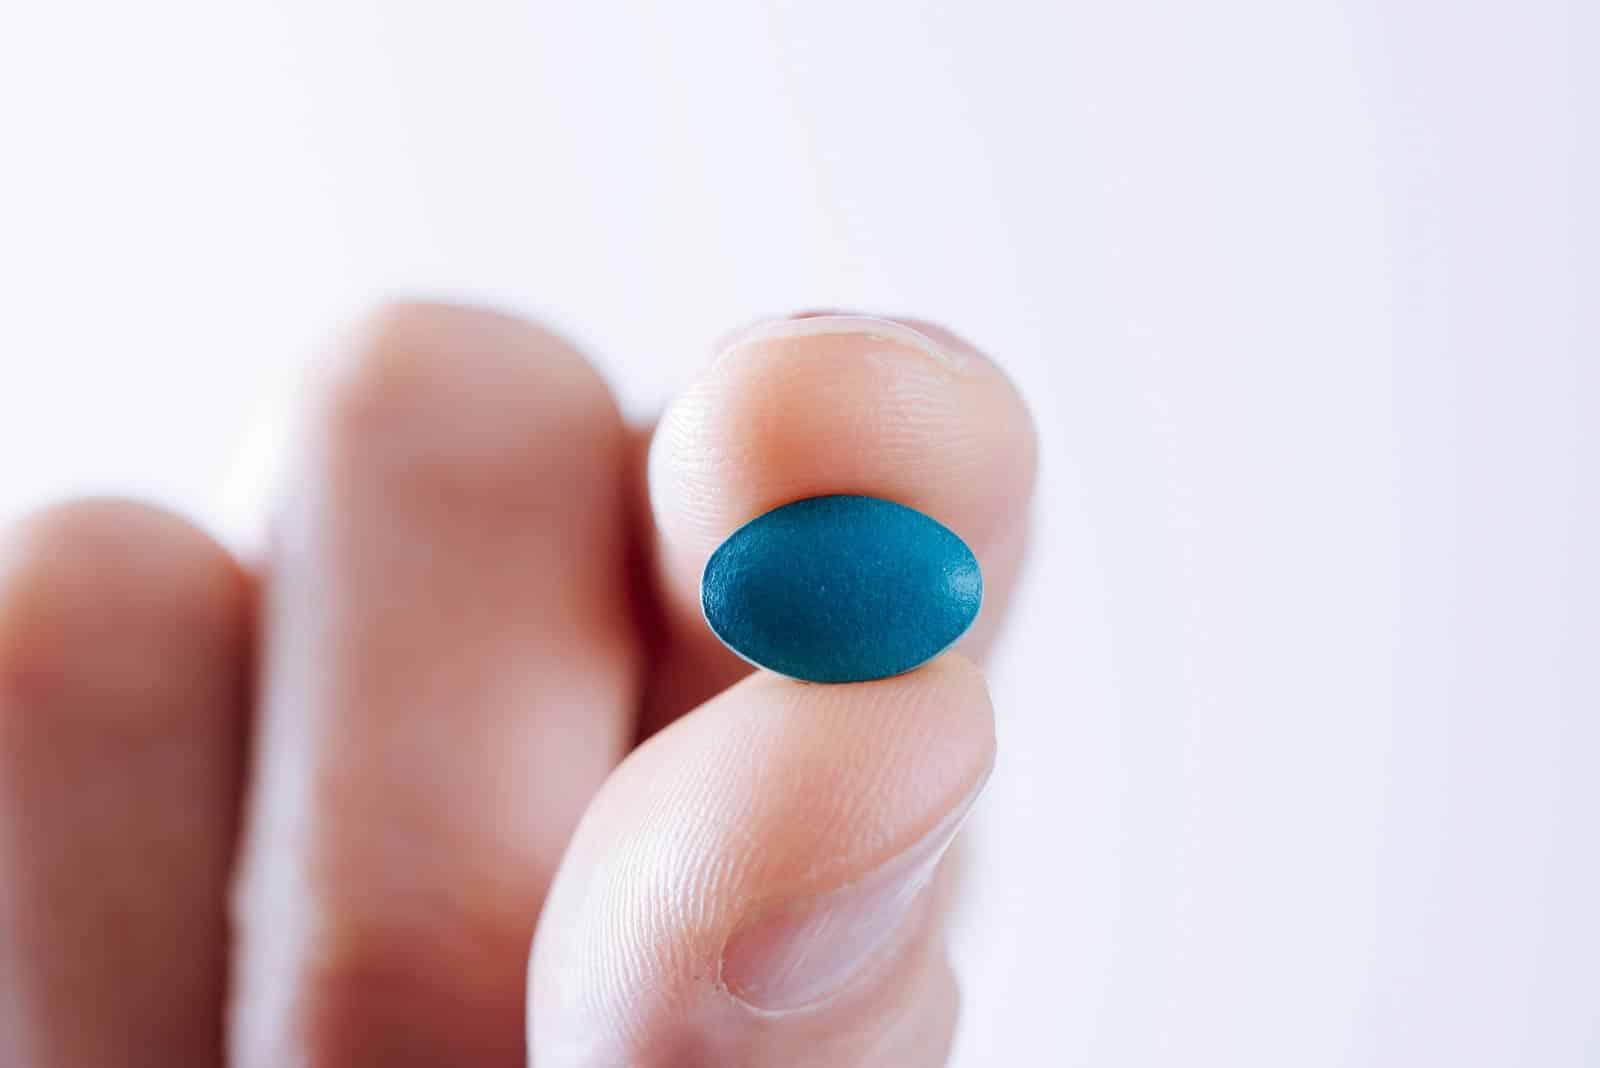 Tablete za produženje sexualnog odnosa